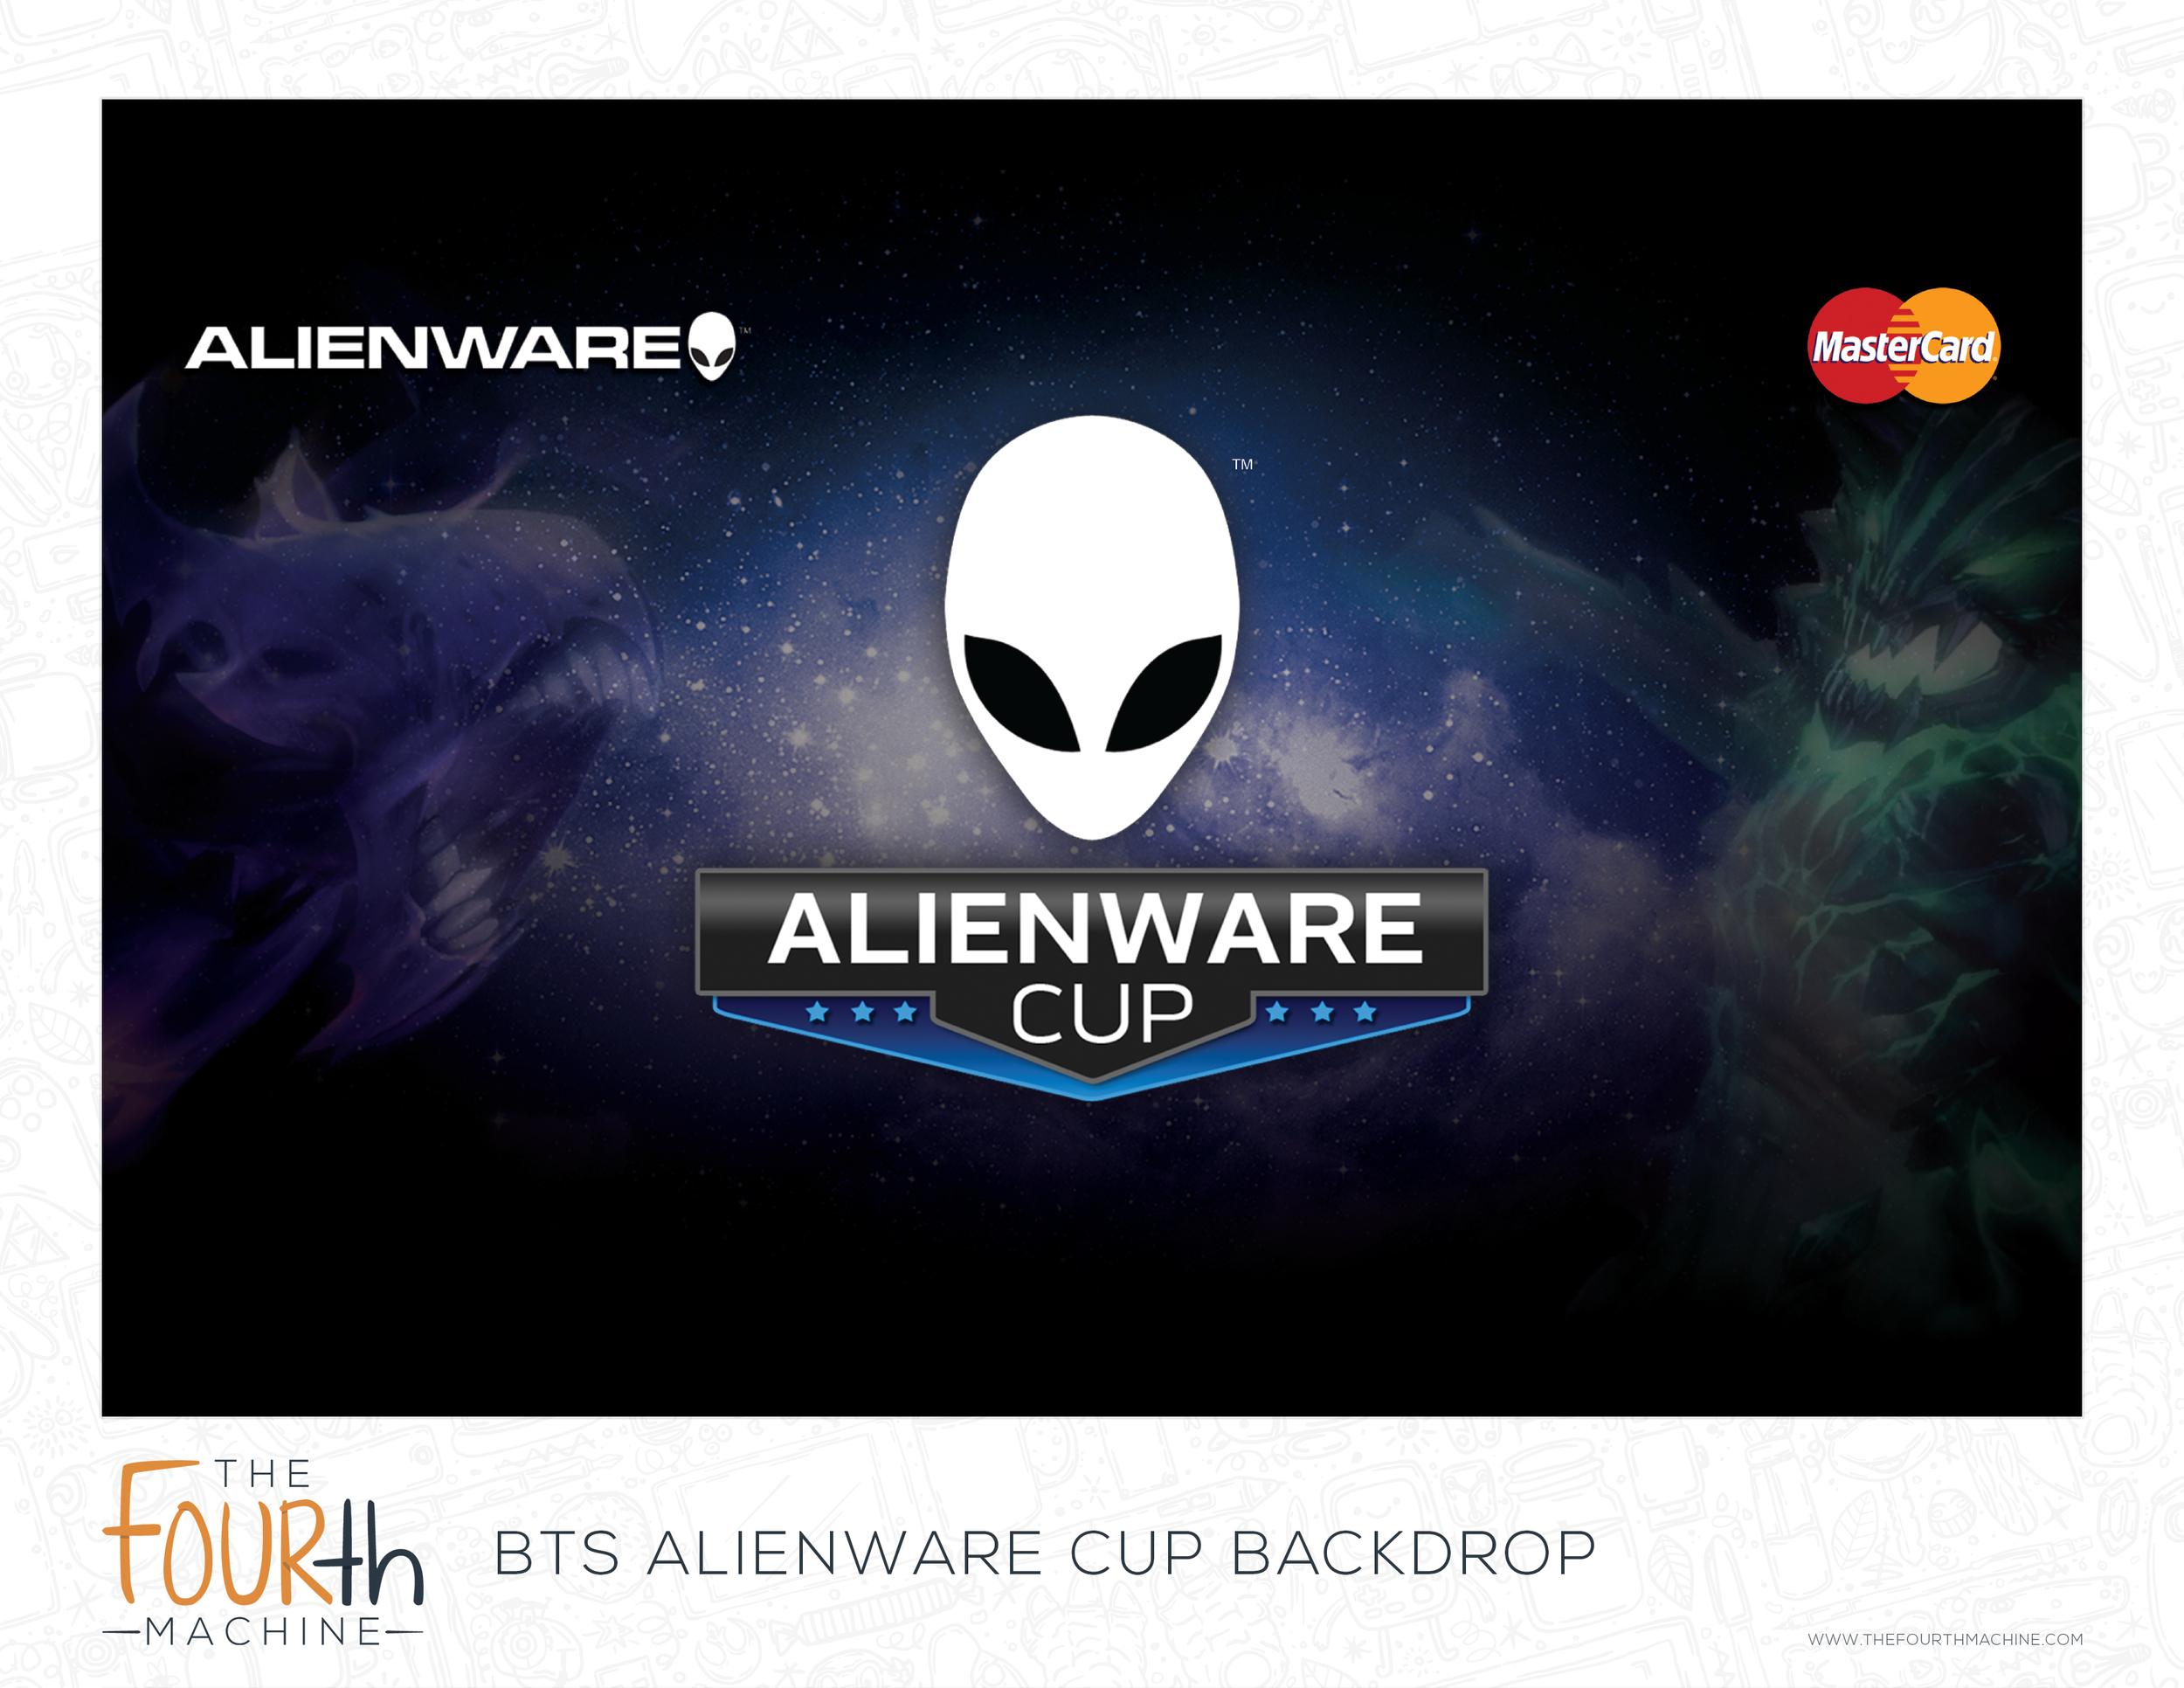 BTS_Alienware_Cup_Backdrop.jpg